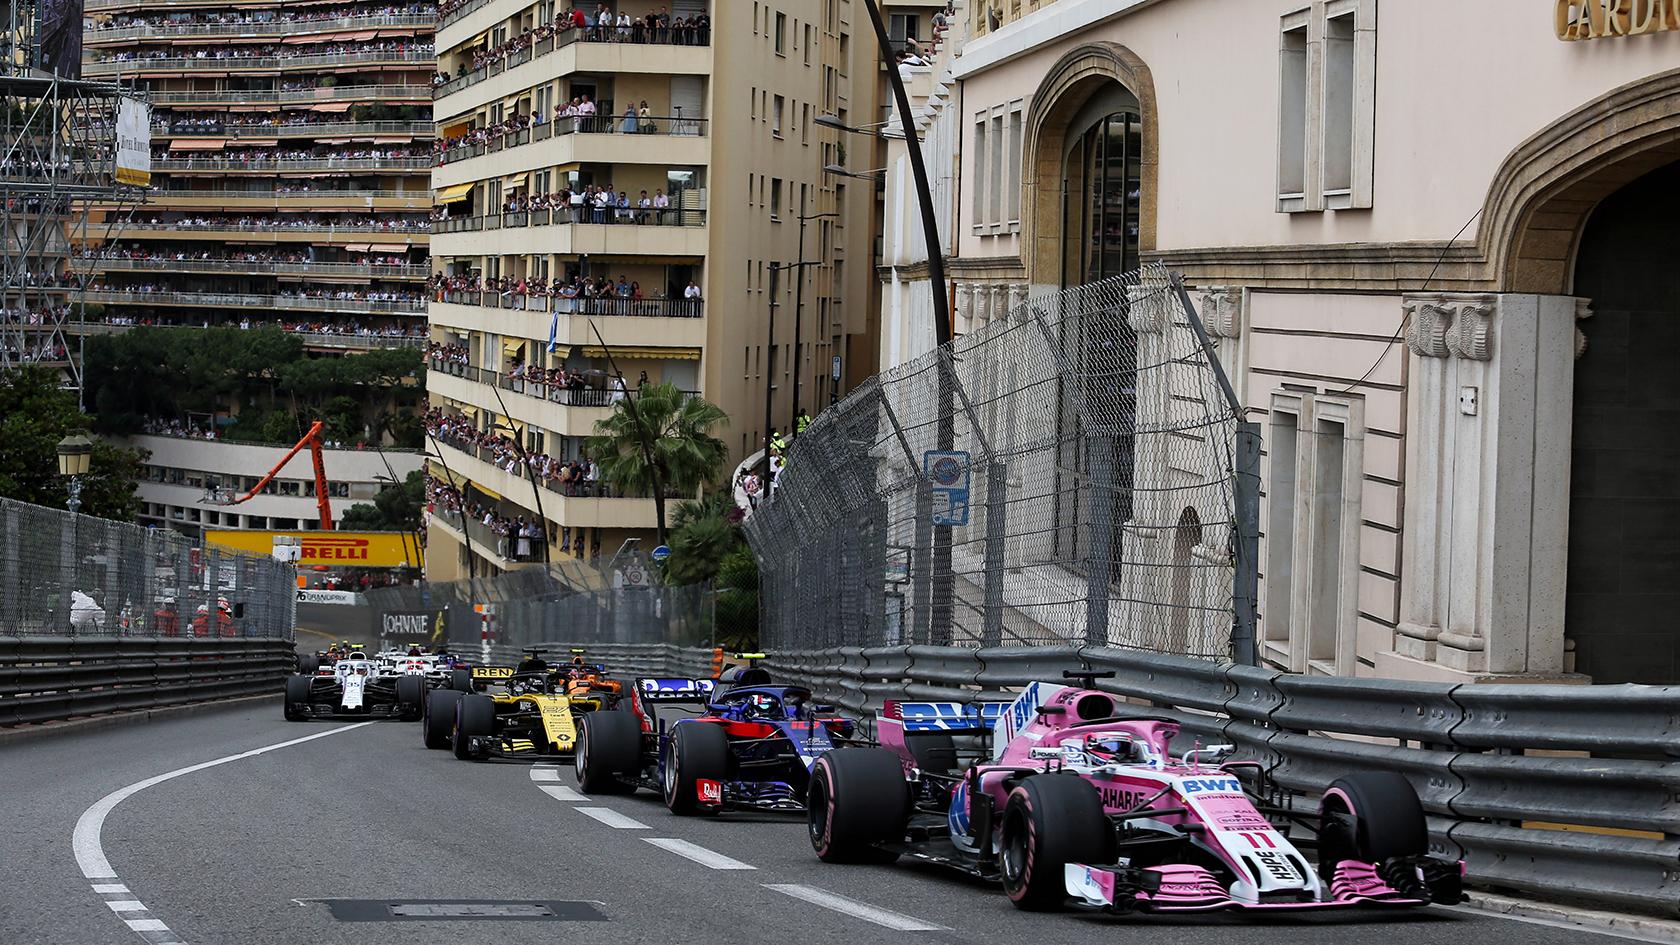 Racerløbet i Monaco er et af de mest ikoniske løb i Formel 1. En stor oplevelse for Emilie Rath, der var med på 1. række.